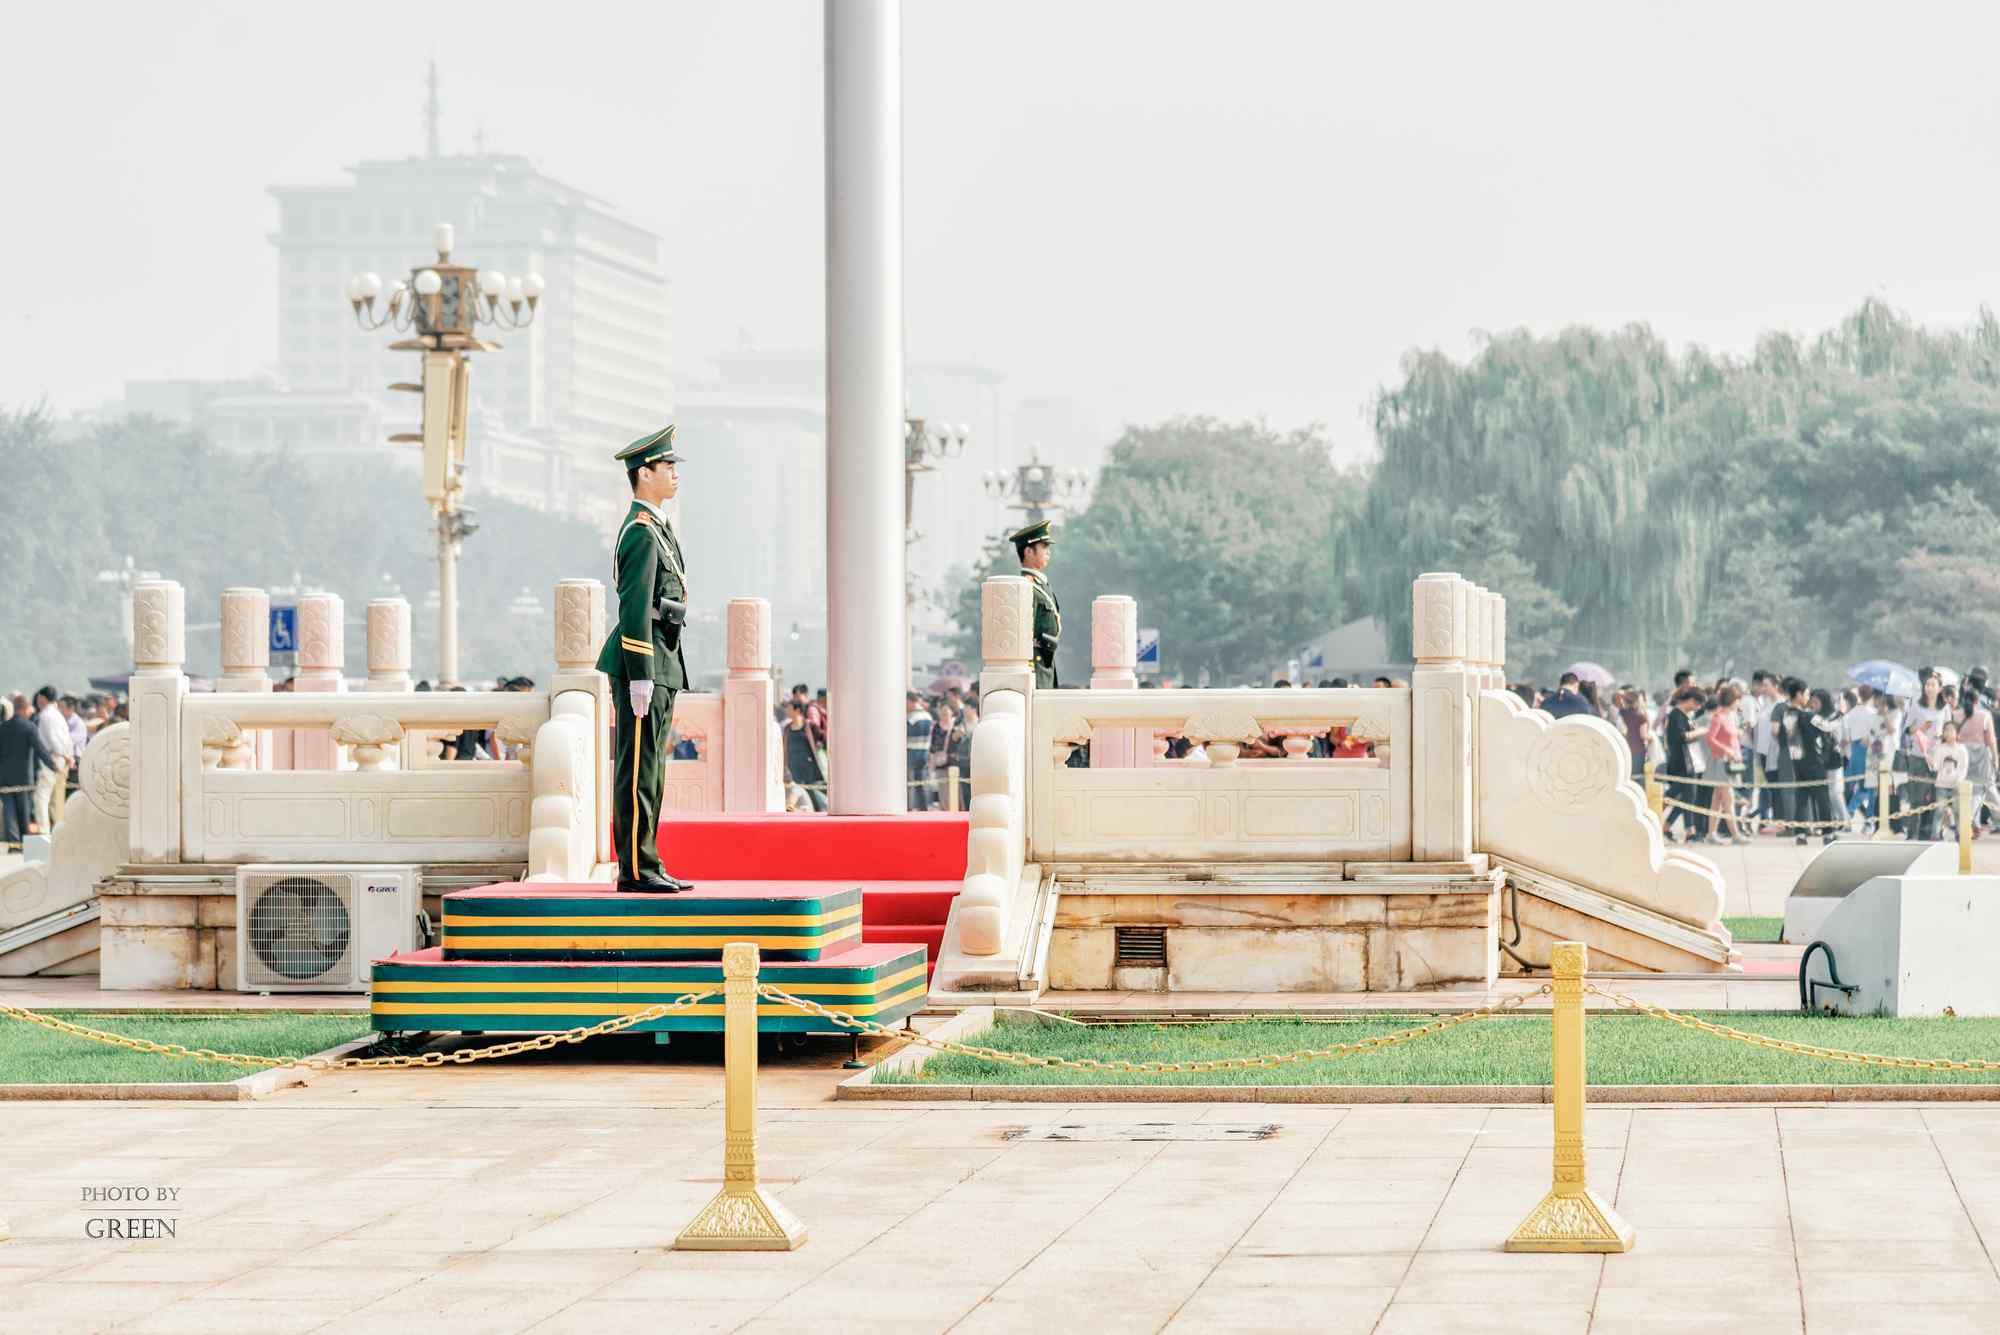 北京天安门广场升旗仪式桌面壁纸